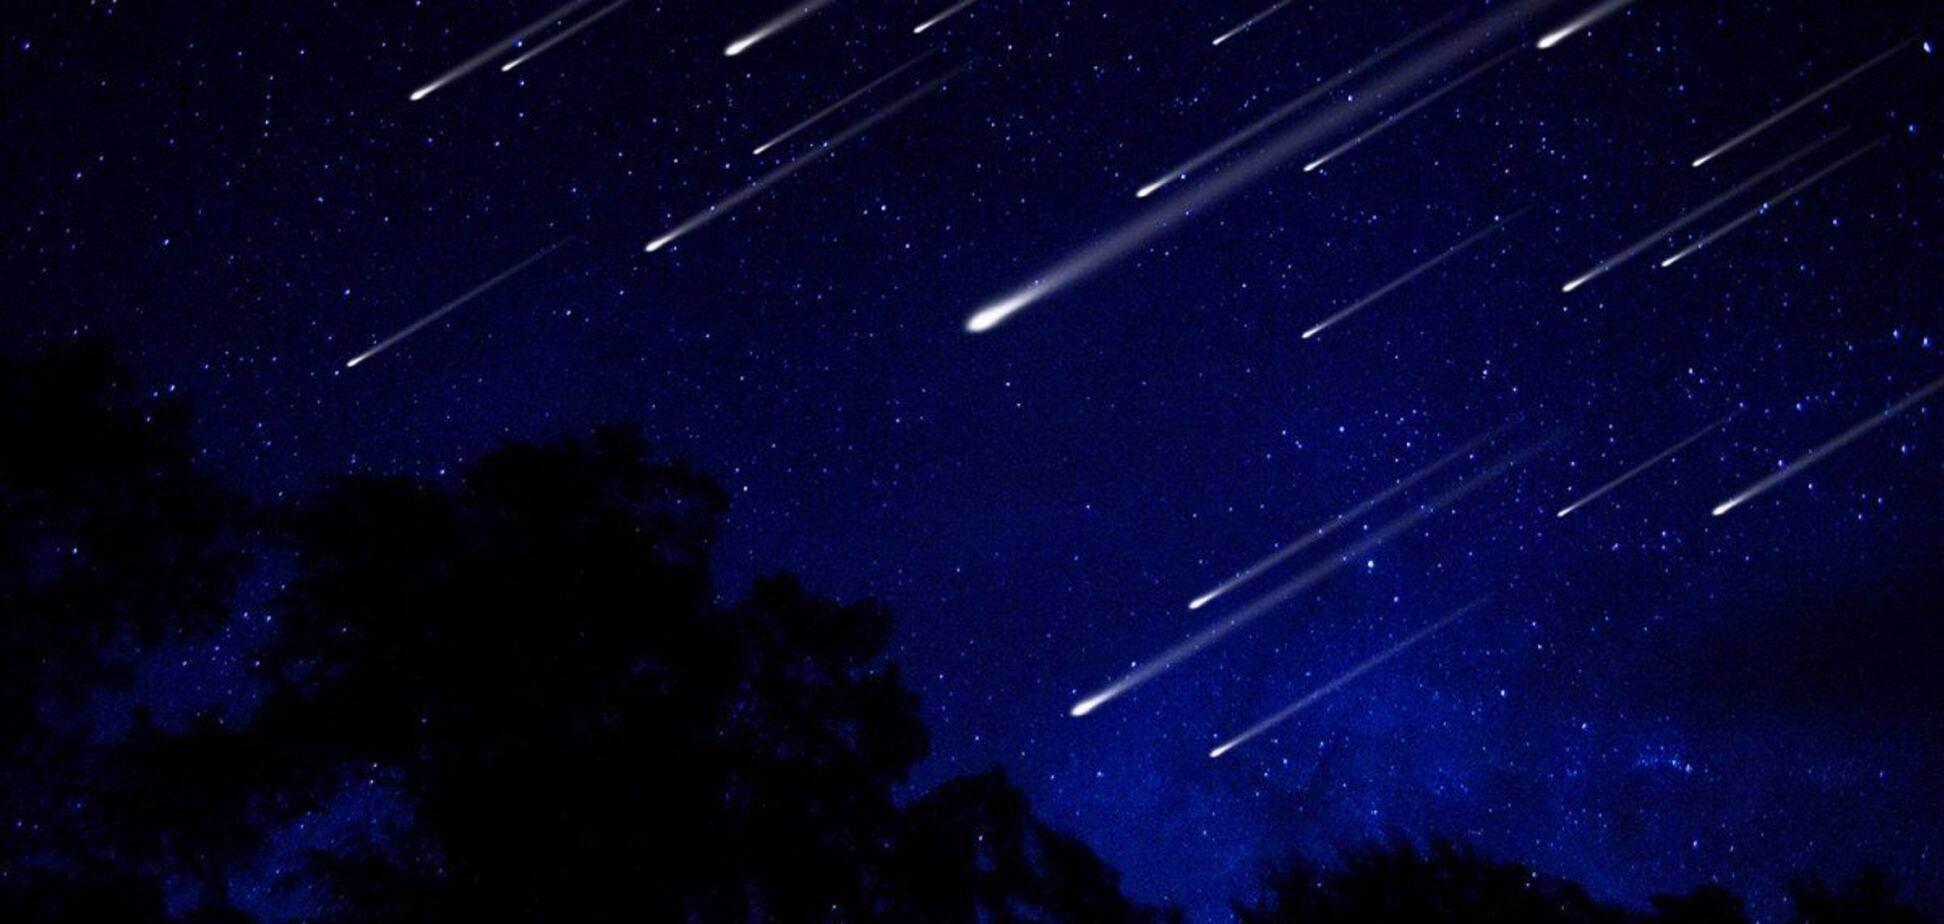 Украинцы смогут наблюдать три метеоритных потока в октябре: названы даты